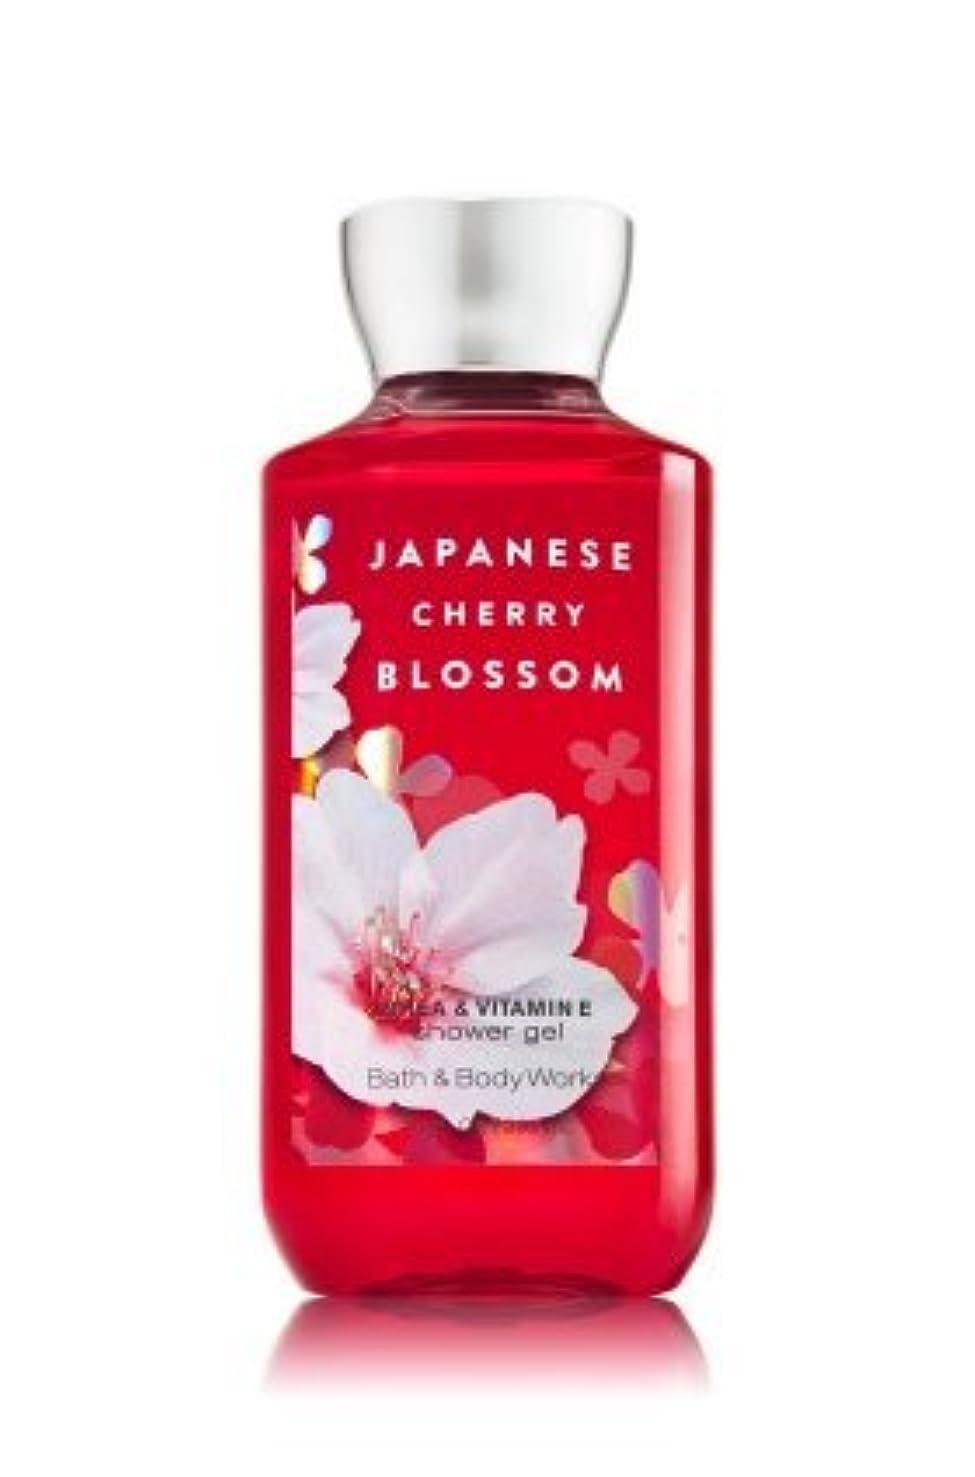 ミスペンドラジウム若い【Bath&Body Works/バス&ボディワークス】 シャワージェル ジャパニーズチェリーブロッサム Shower Gel Japanese Cherry Blossom 10 fl oz / 295 mL [並行輸入品]